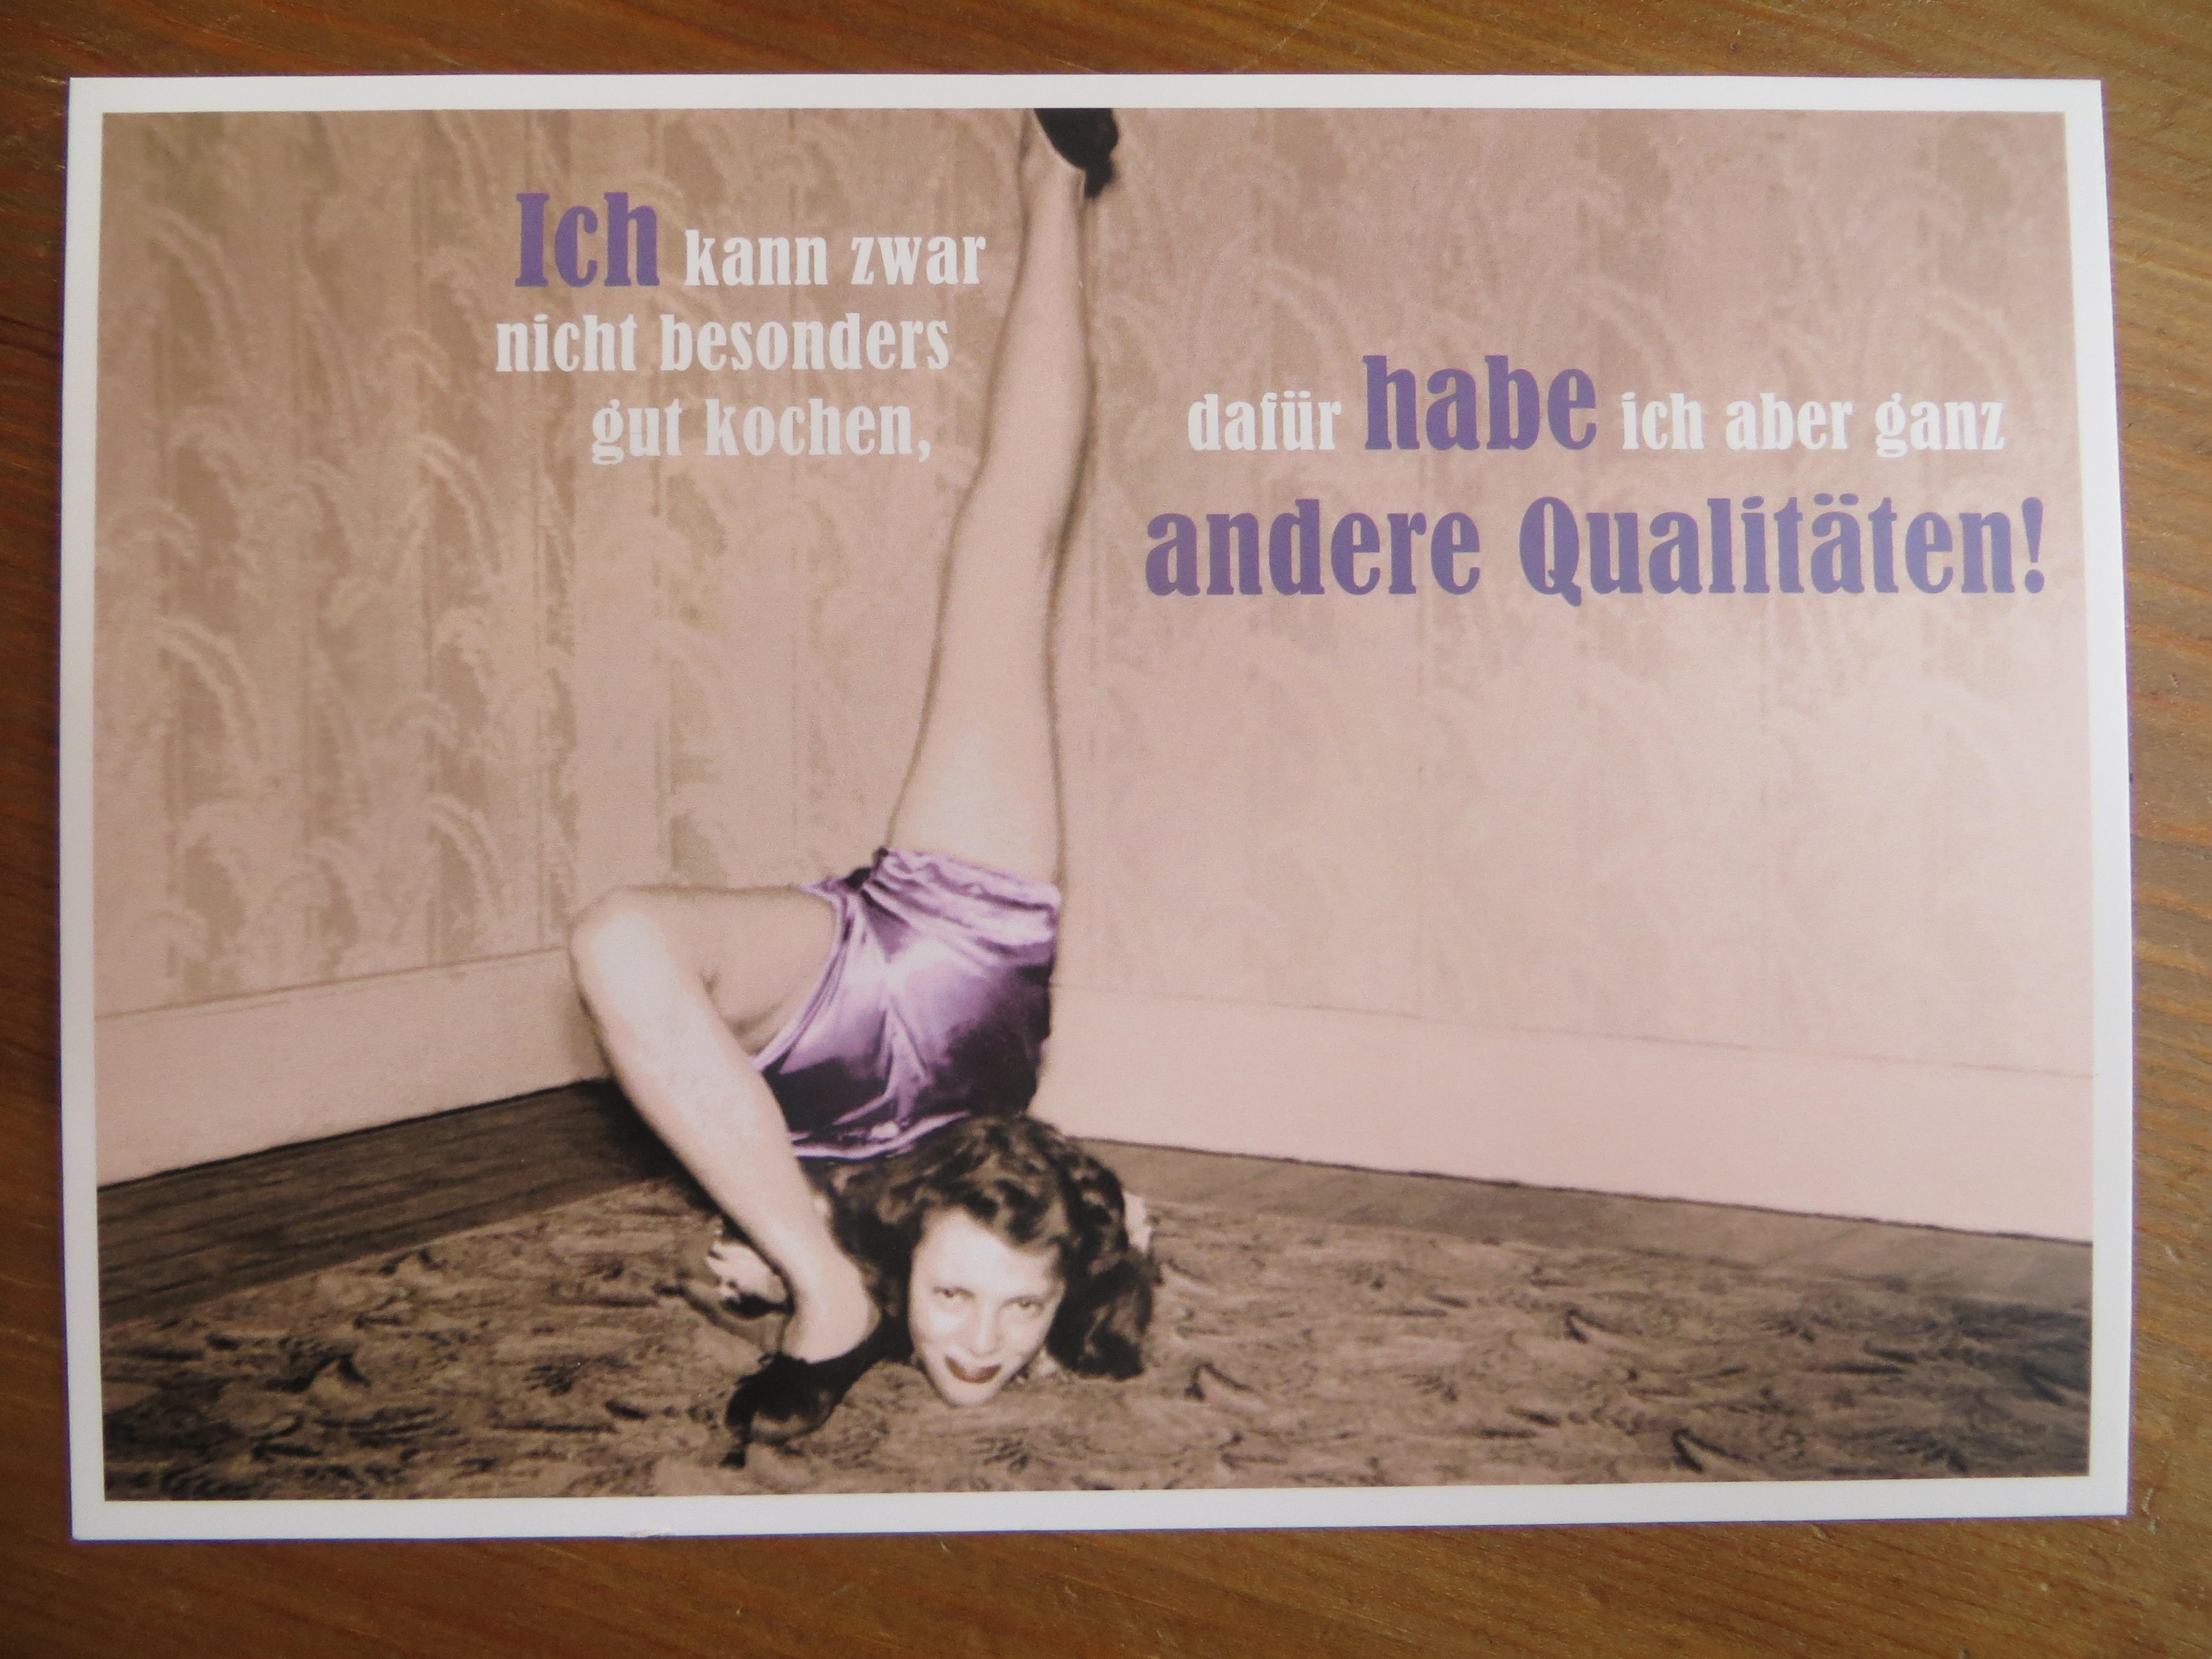 Nützlichgrusskarten - Postkarte Karte Ich kann zwar nicht besonders... Paloma - Onlineshop Tante Emmer